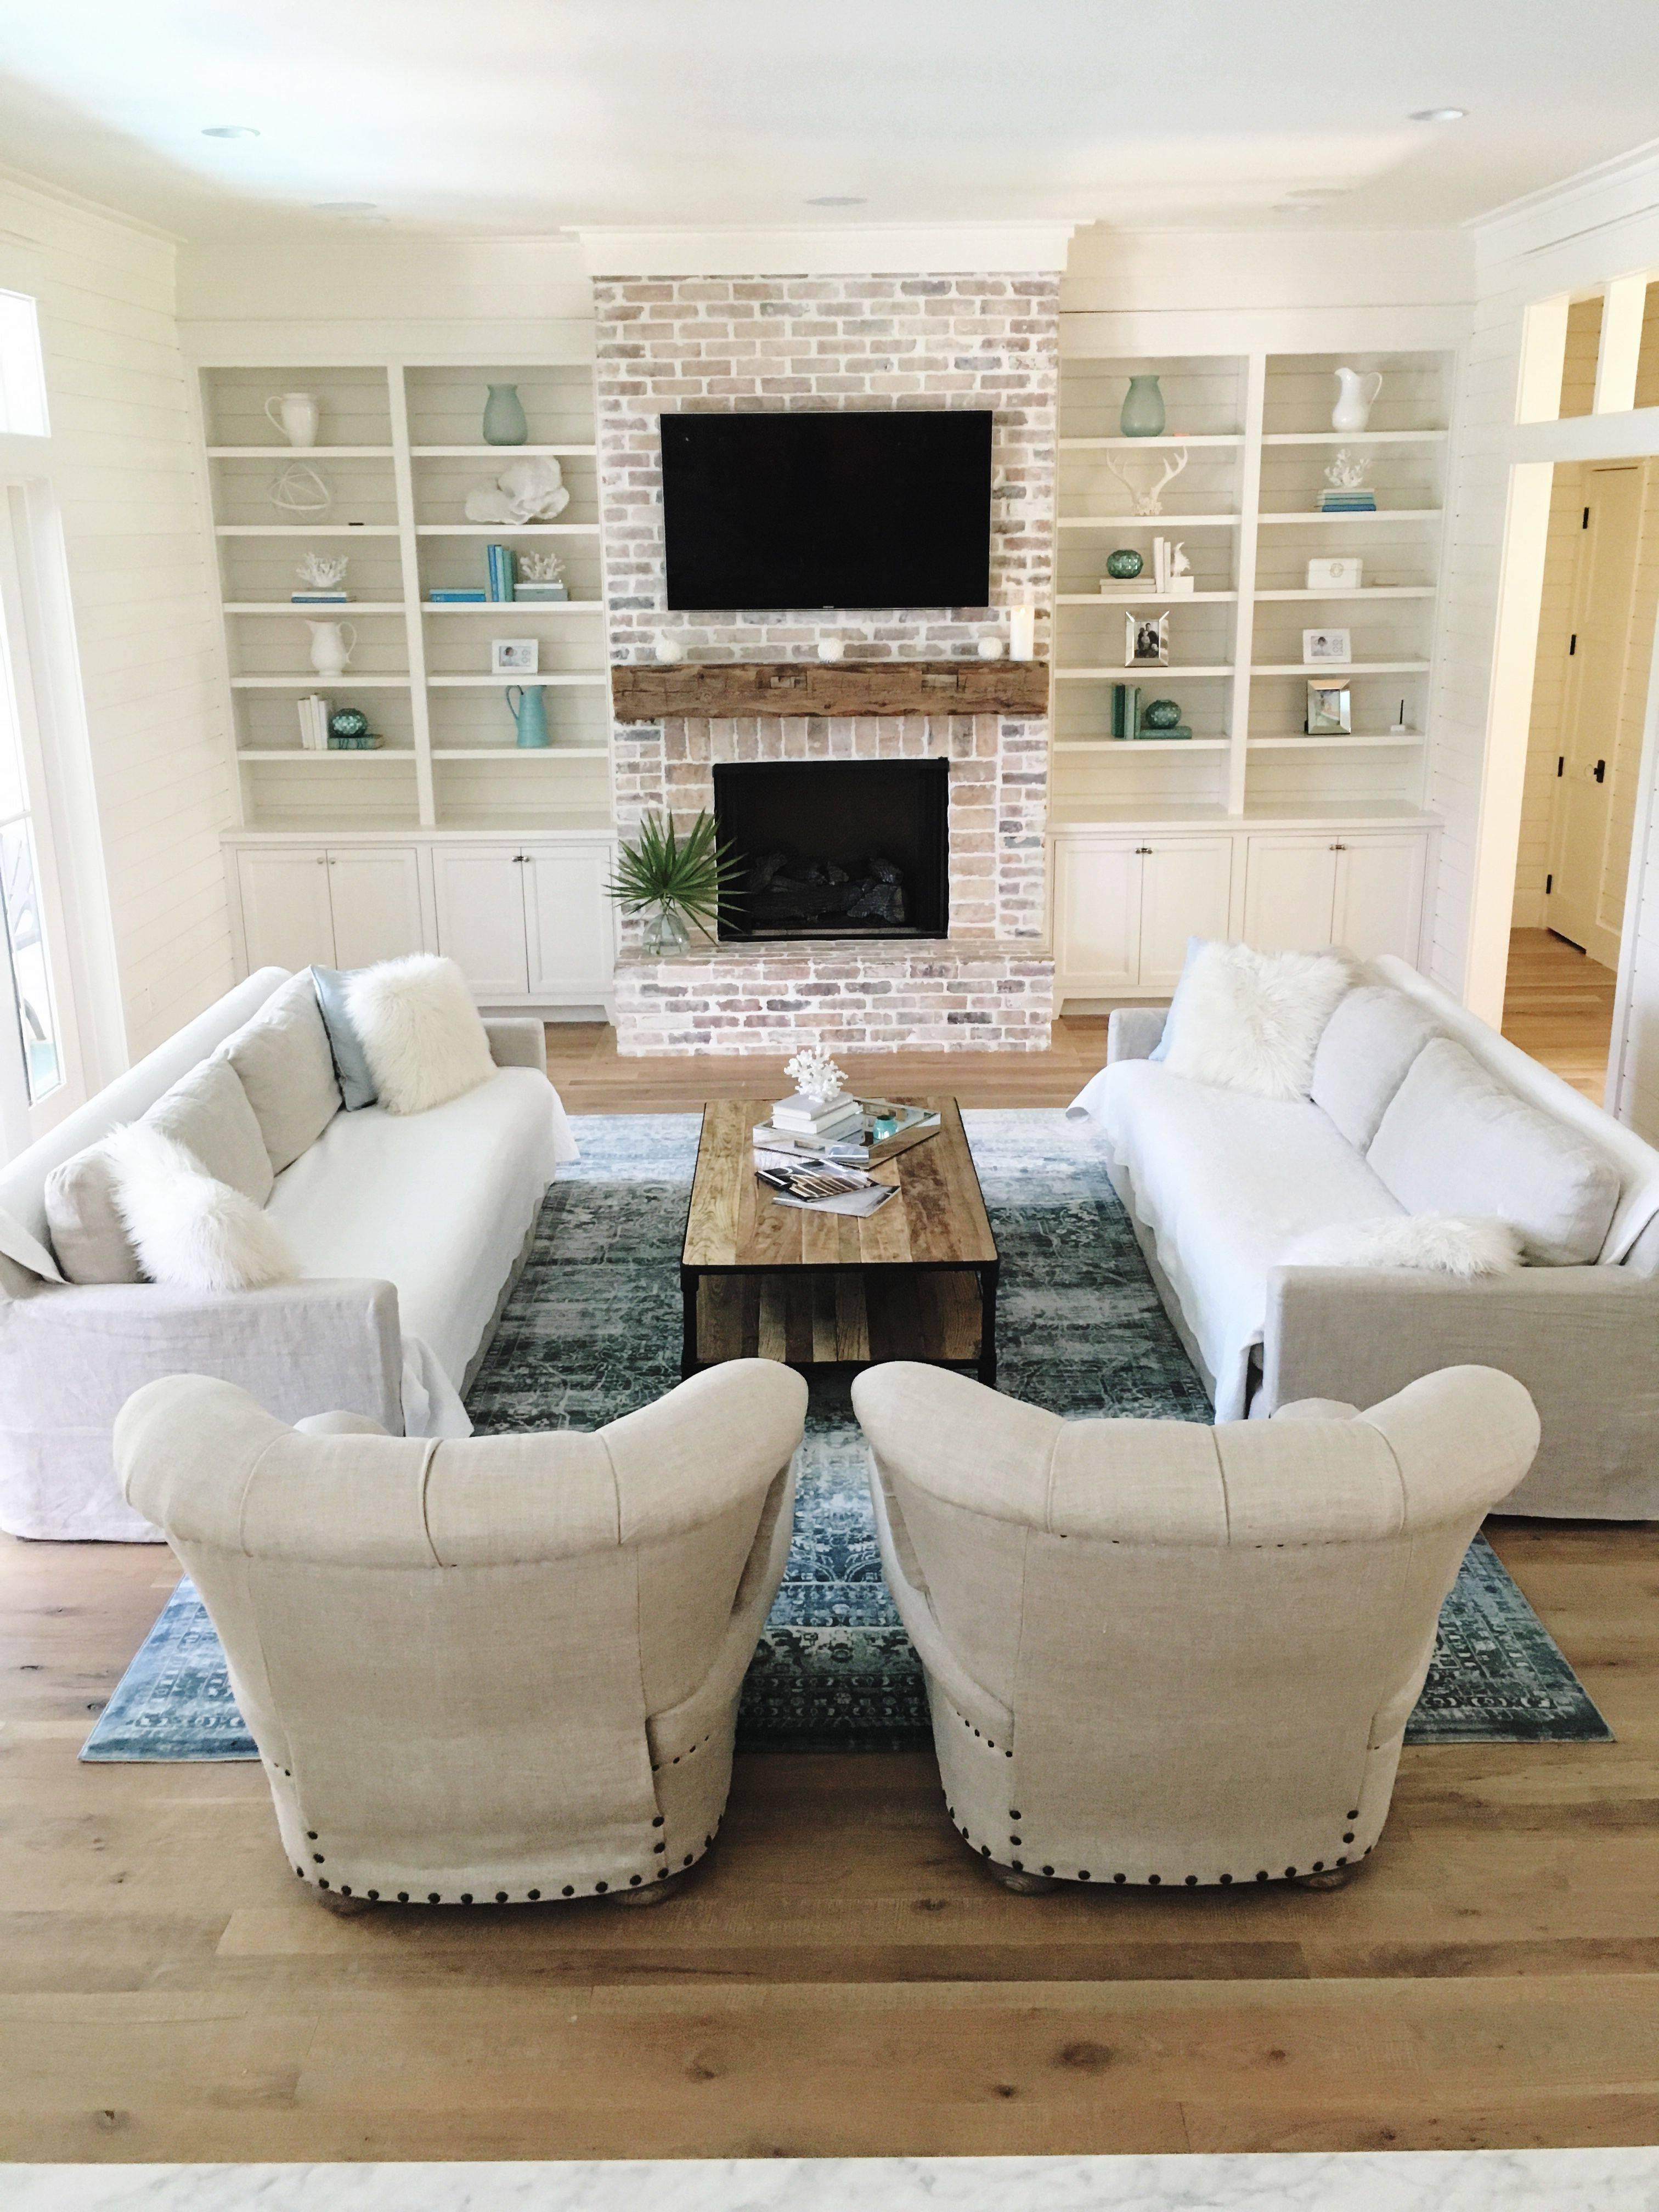 home decor ideas living room dream houses interiors new 20 cozy corner fireplace ideas for your living room of home decor ideas living room dream houses interiors